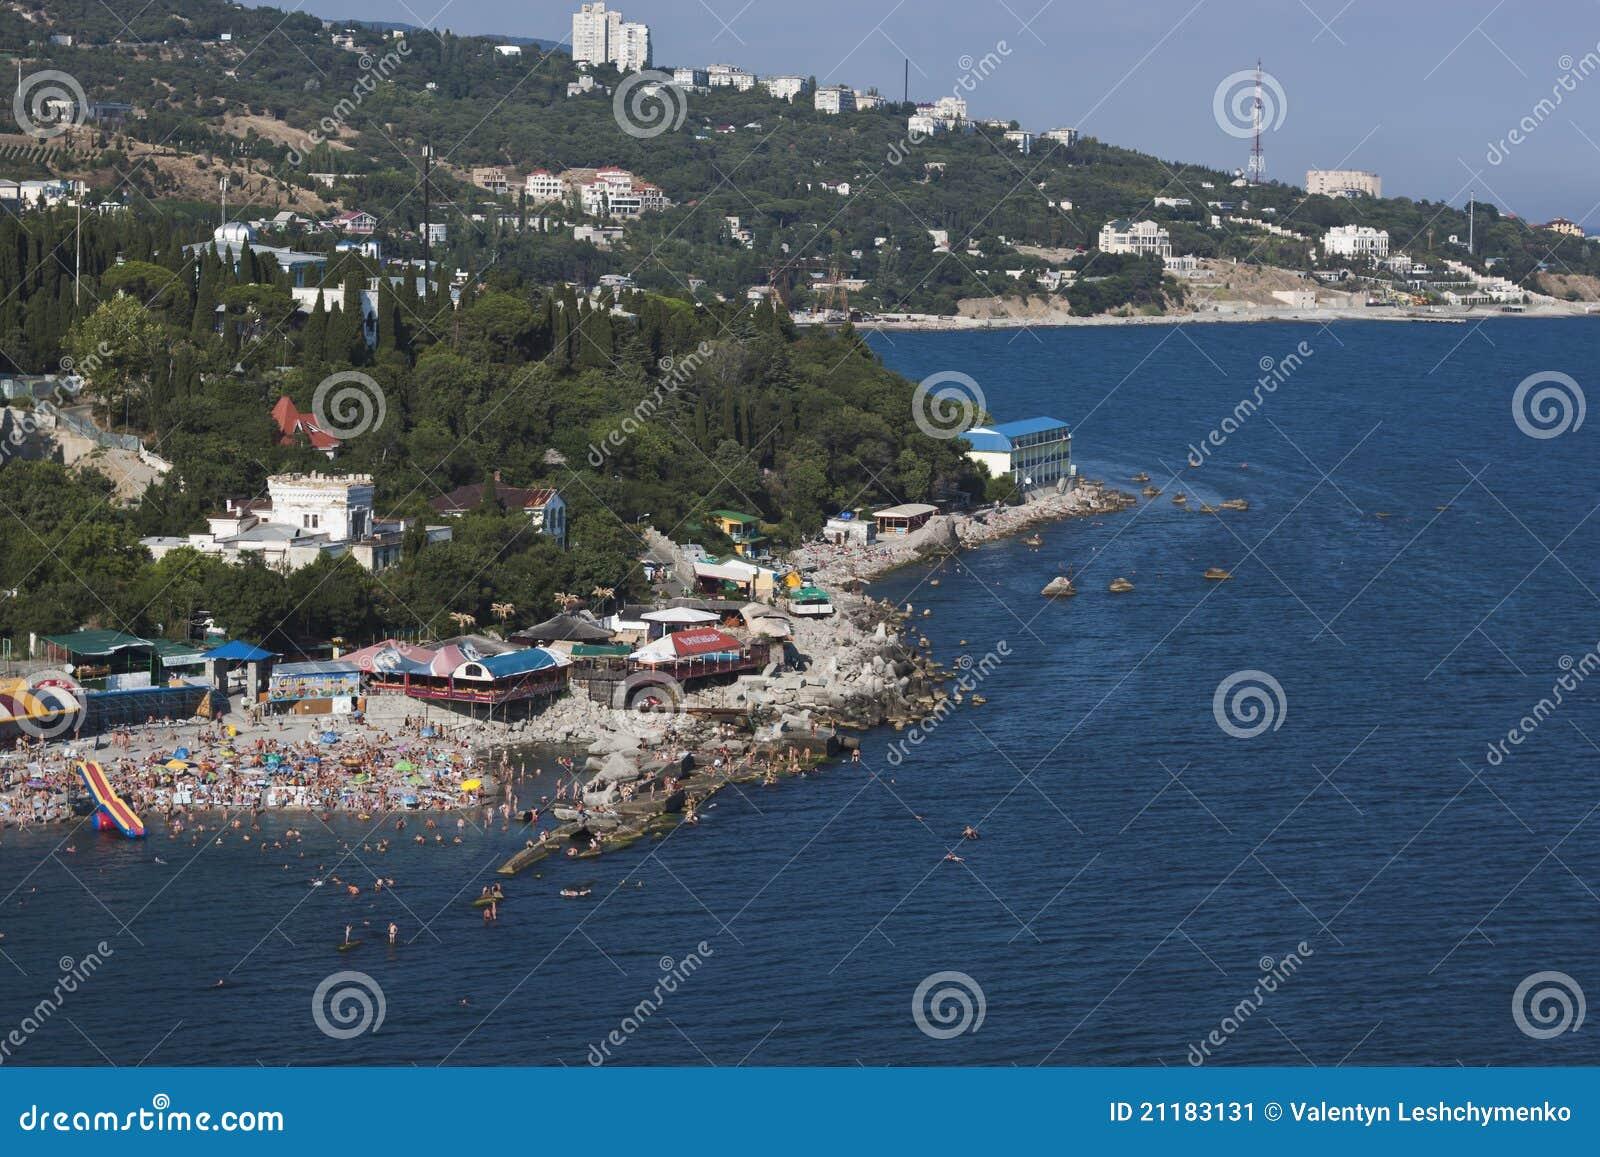 The Black Sea coast of Crimea. Simeiz